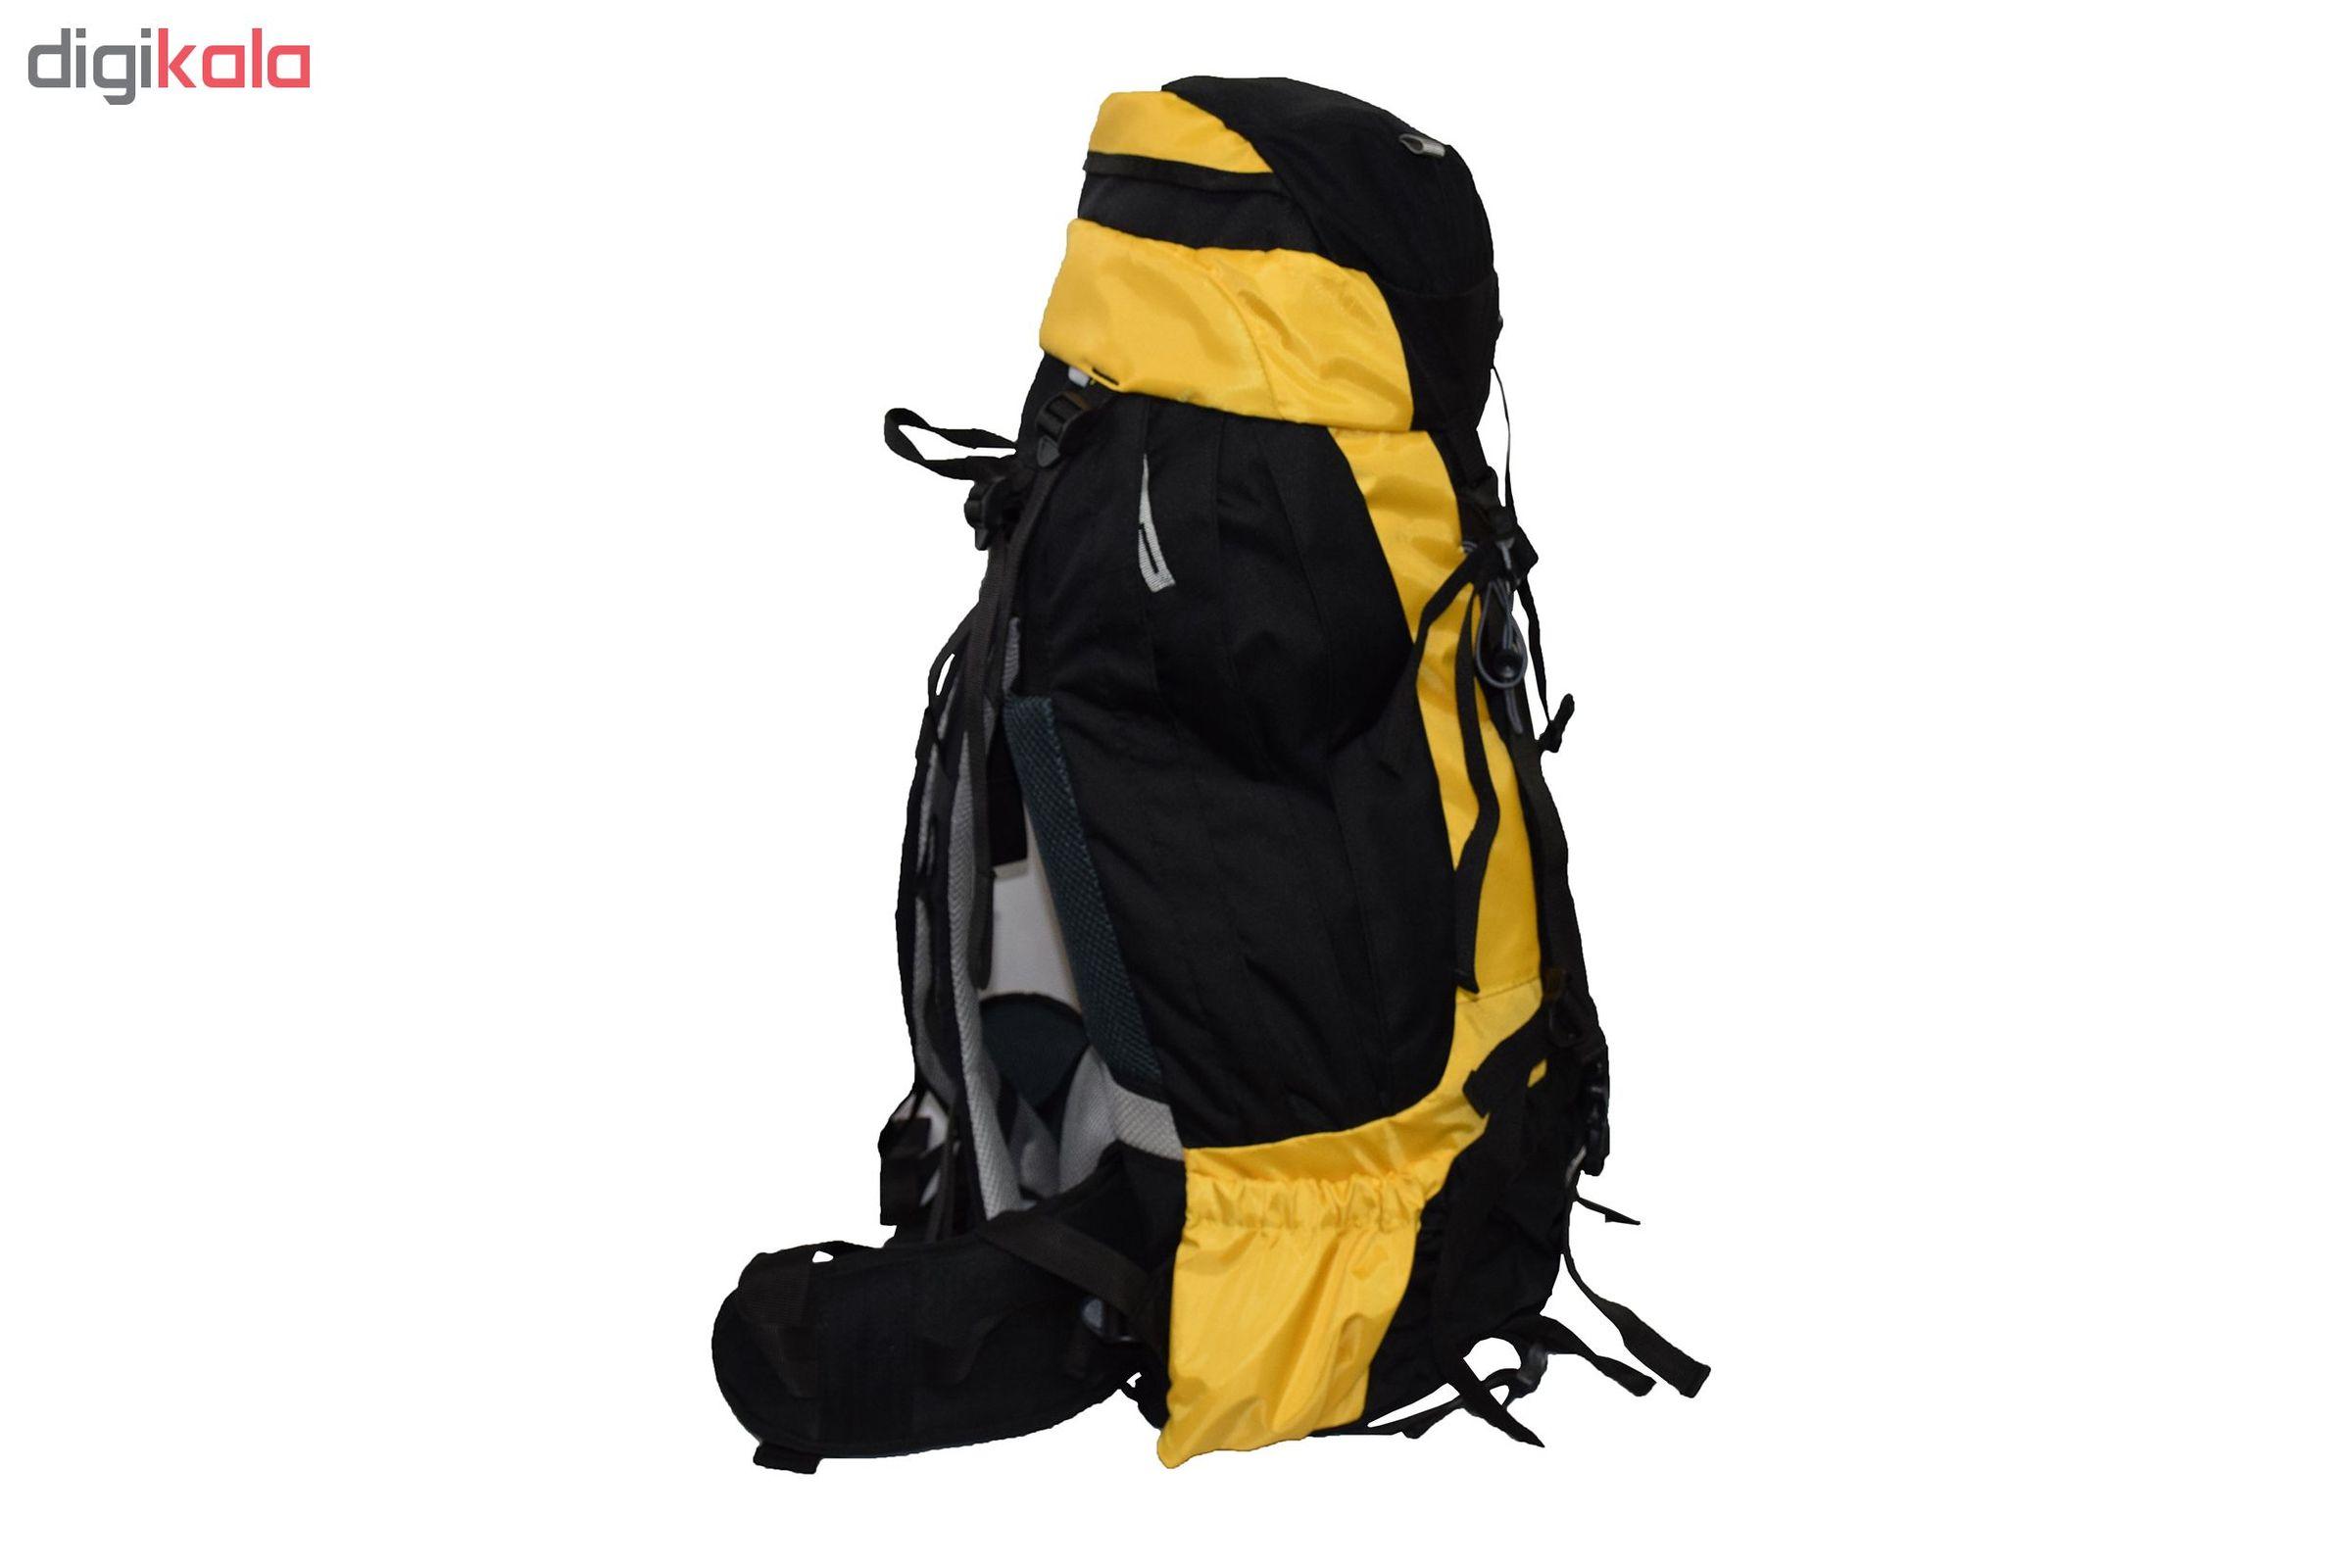 کوله پشتی کوهنوردی 55 لیتری 5.11 مدل AG3001 main 1 8